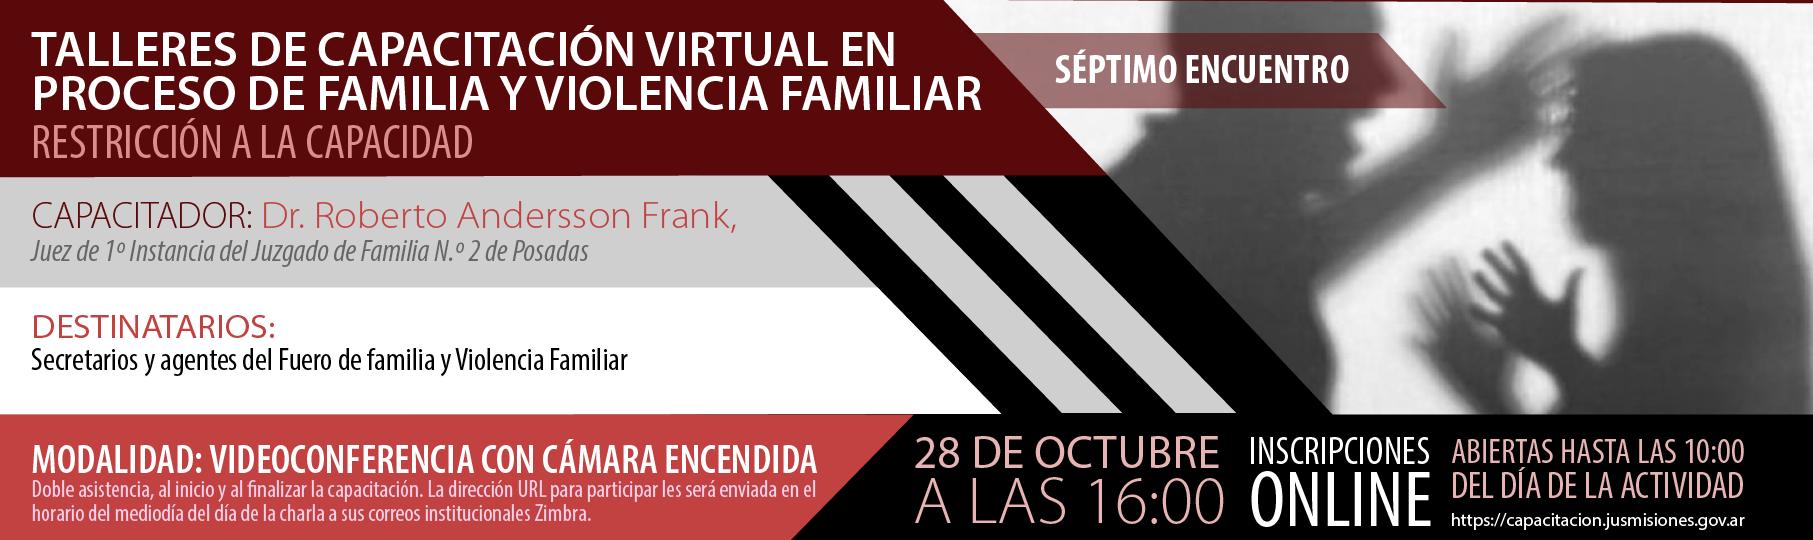 Talleres de capacitación virtual en Proceso de Familia y Violencia Familiar